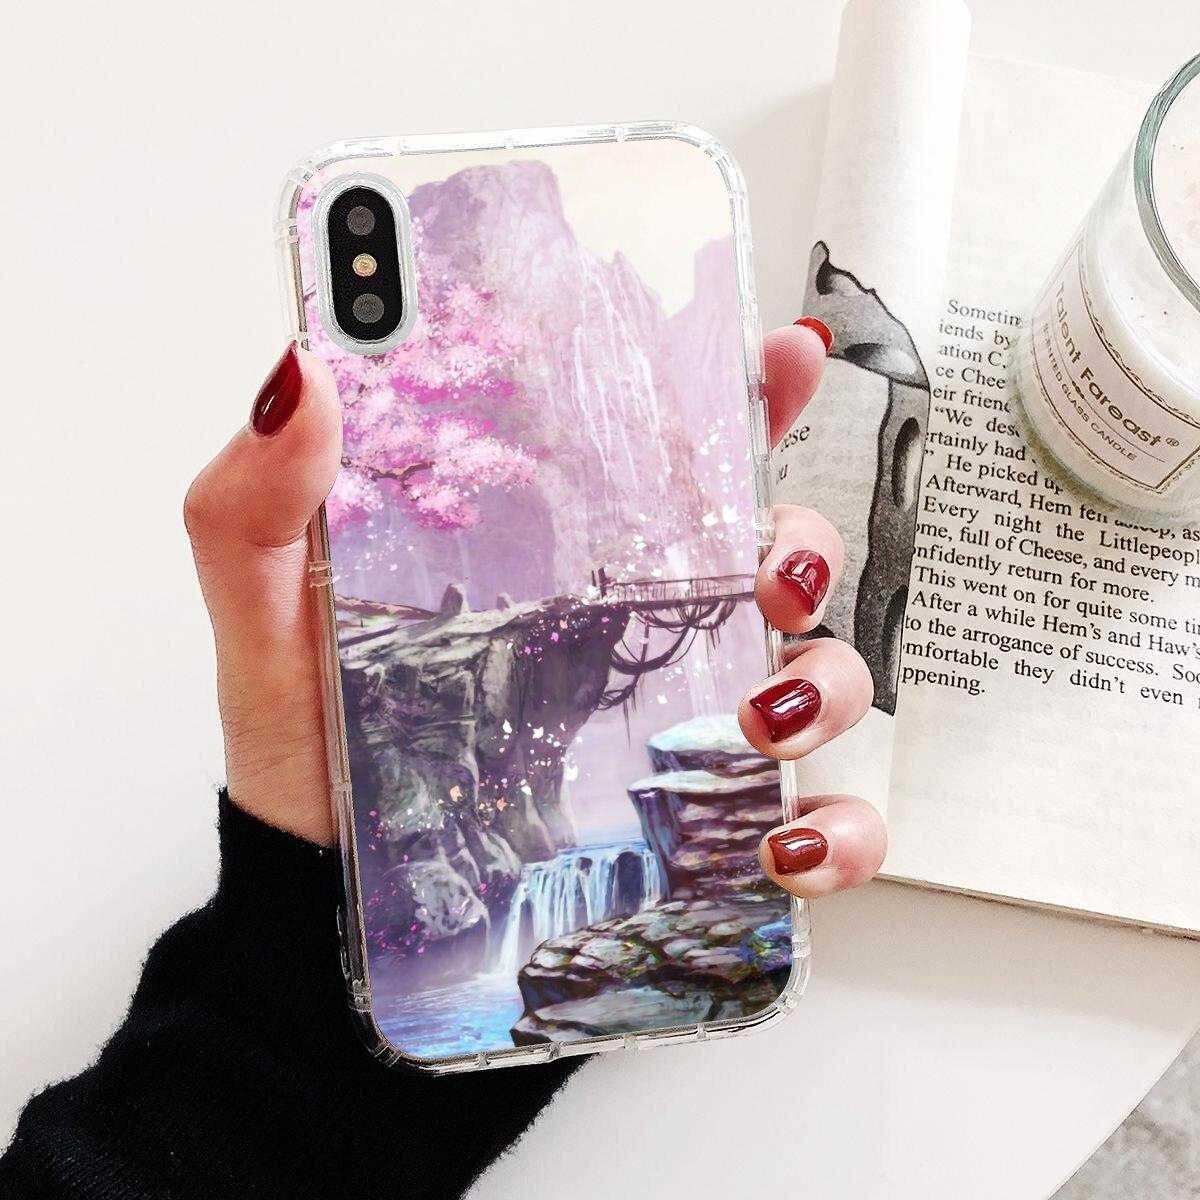 Anime Plum Cherry Blossom Girl For Motorola Moto G G2 G3 X4 E4 E5 G5 G5S G6 Z Z2 Z3 C Play Plus Good Silicone Phone Case